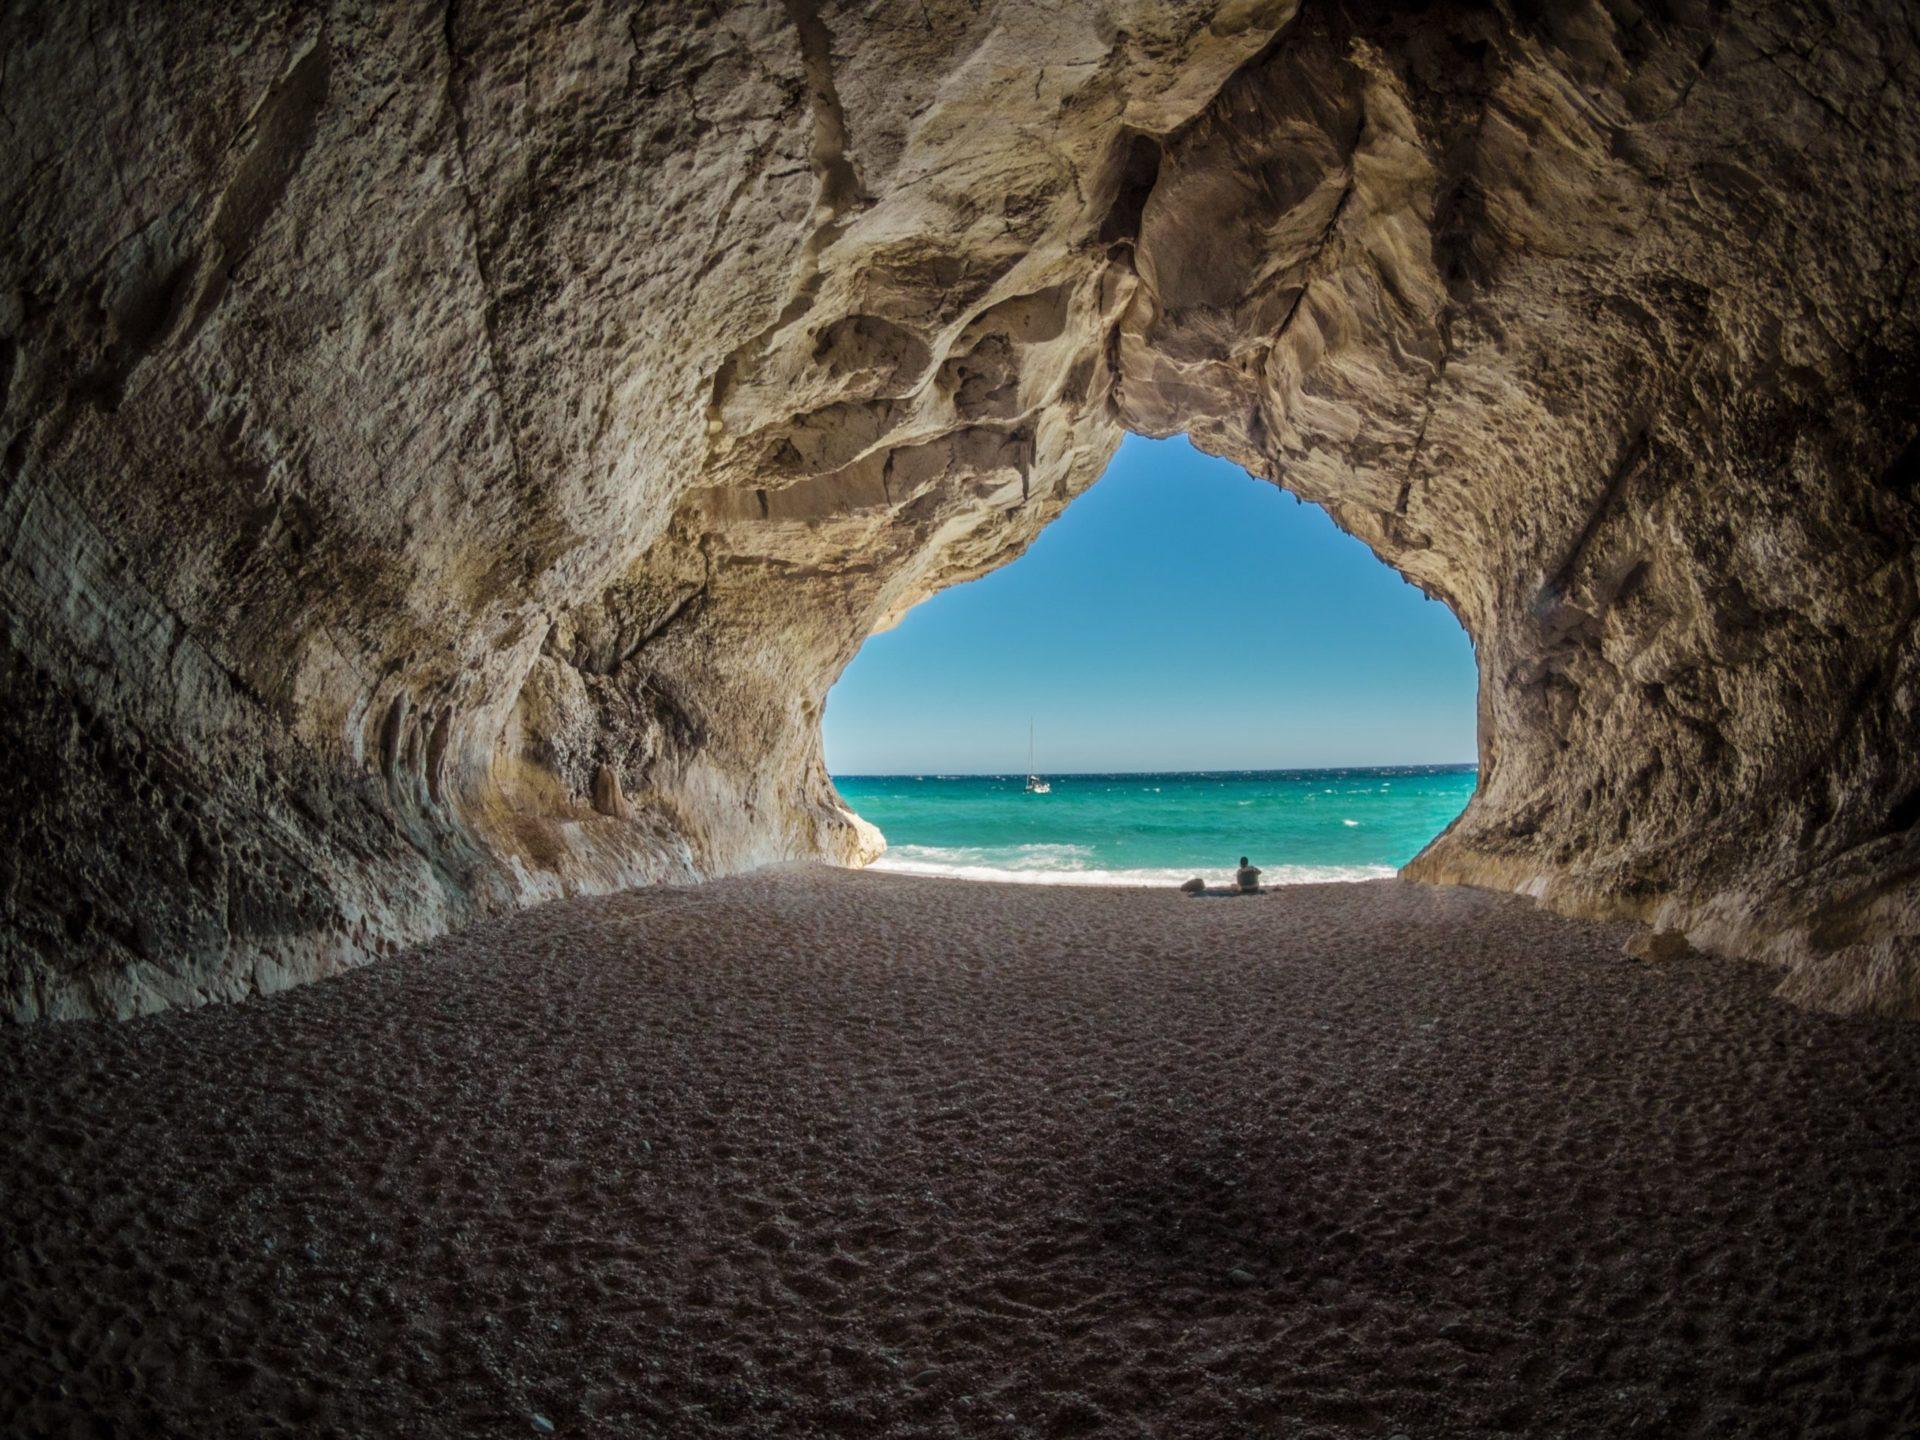 Wassertemperatur Sardinien: Blick von Grotte aufs Meer bei Cala Gonone am Golfo di Orosei